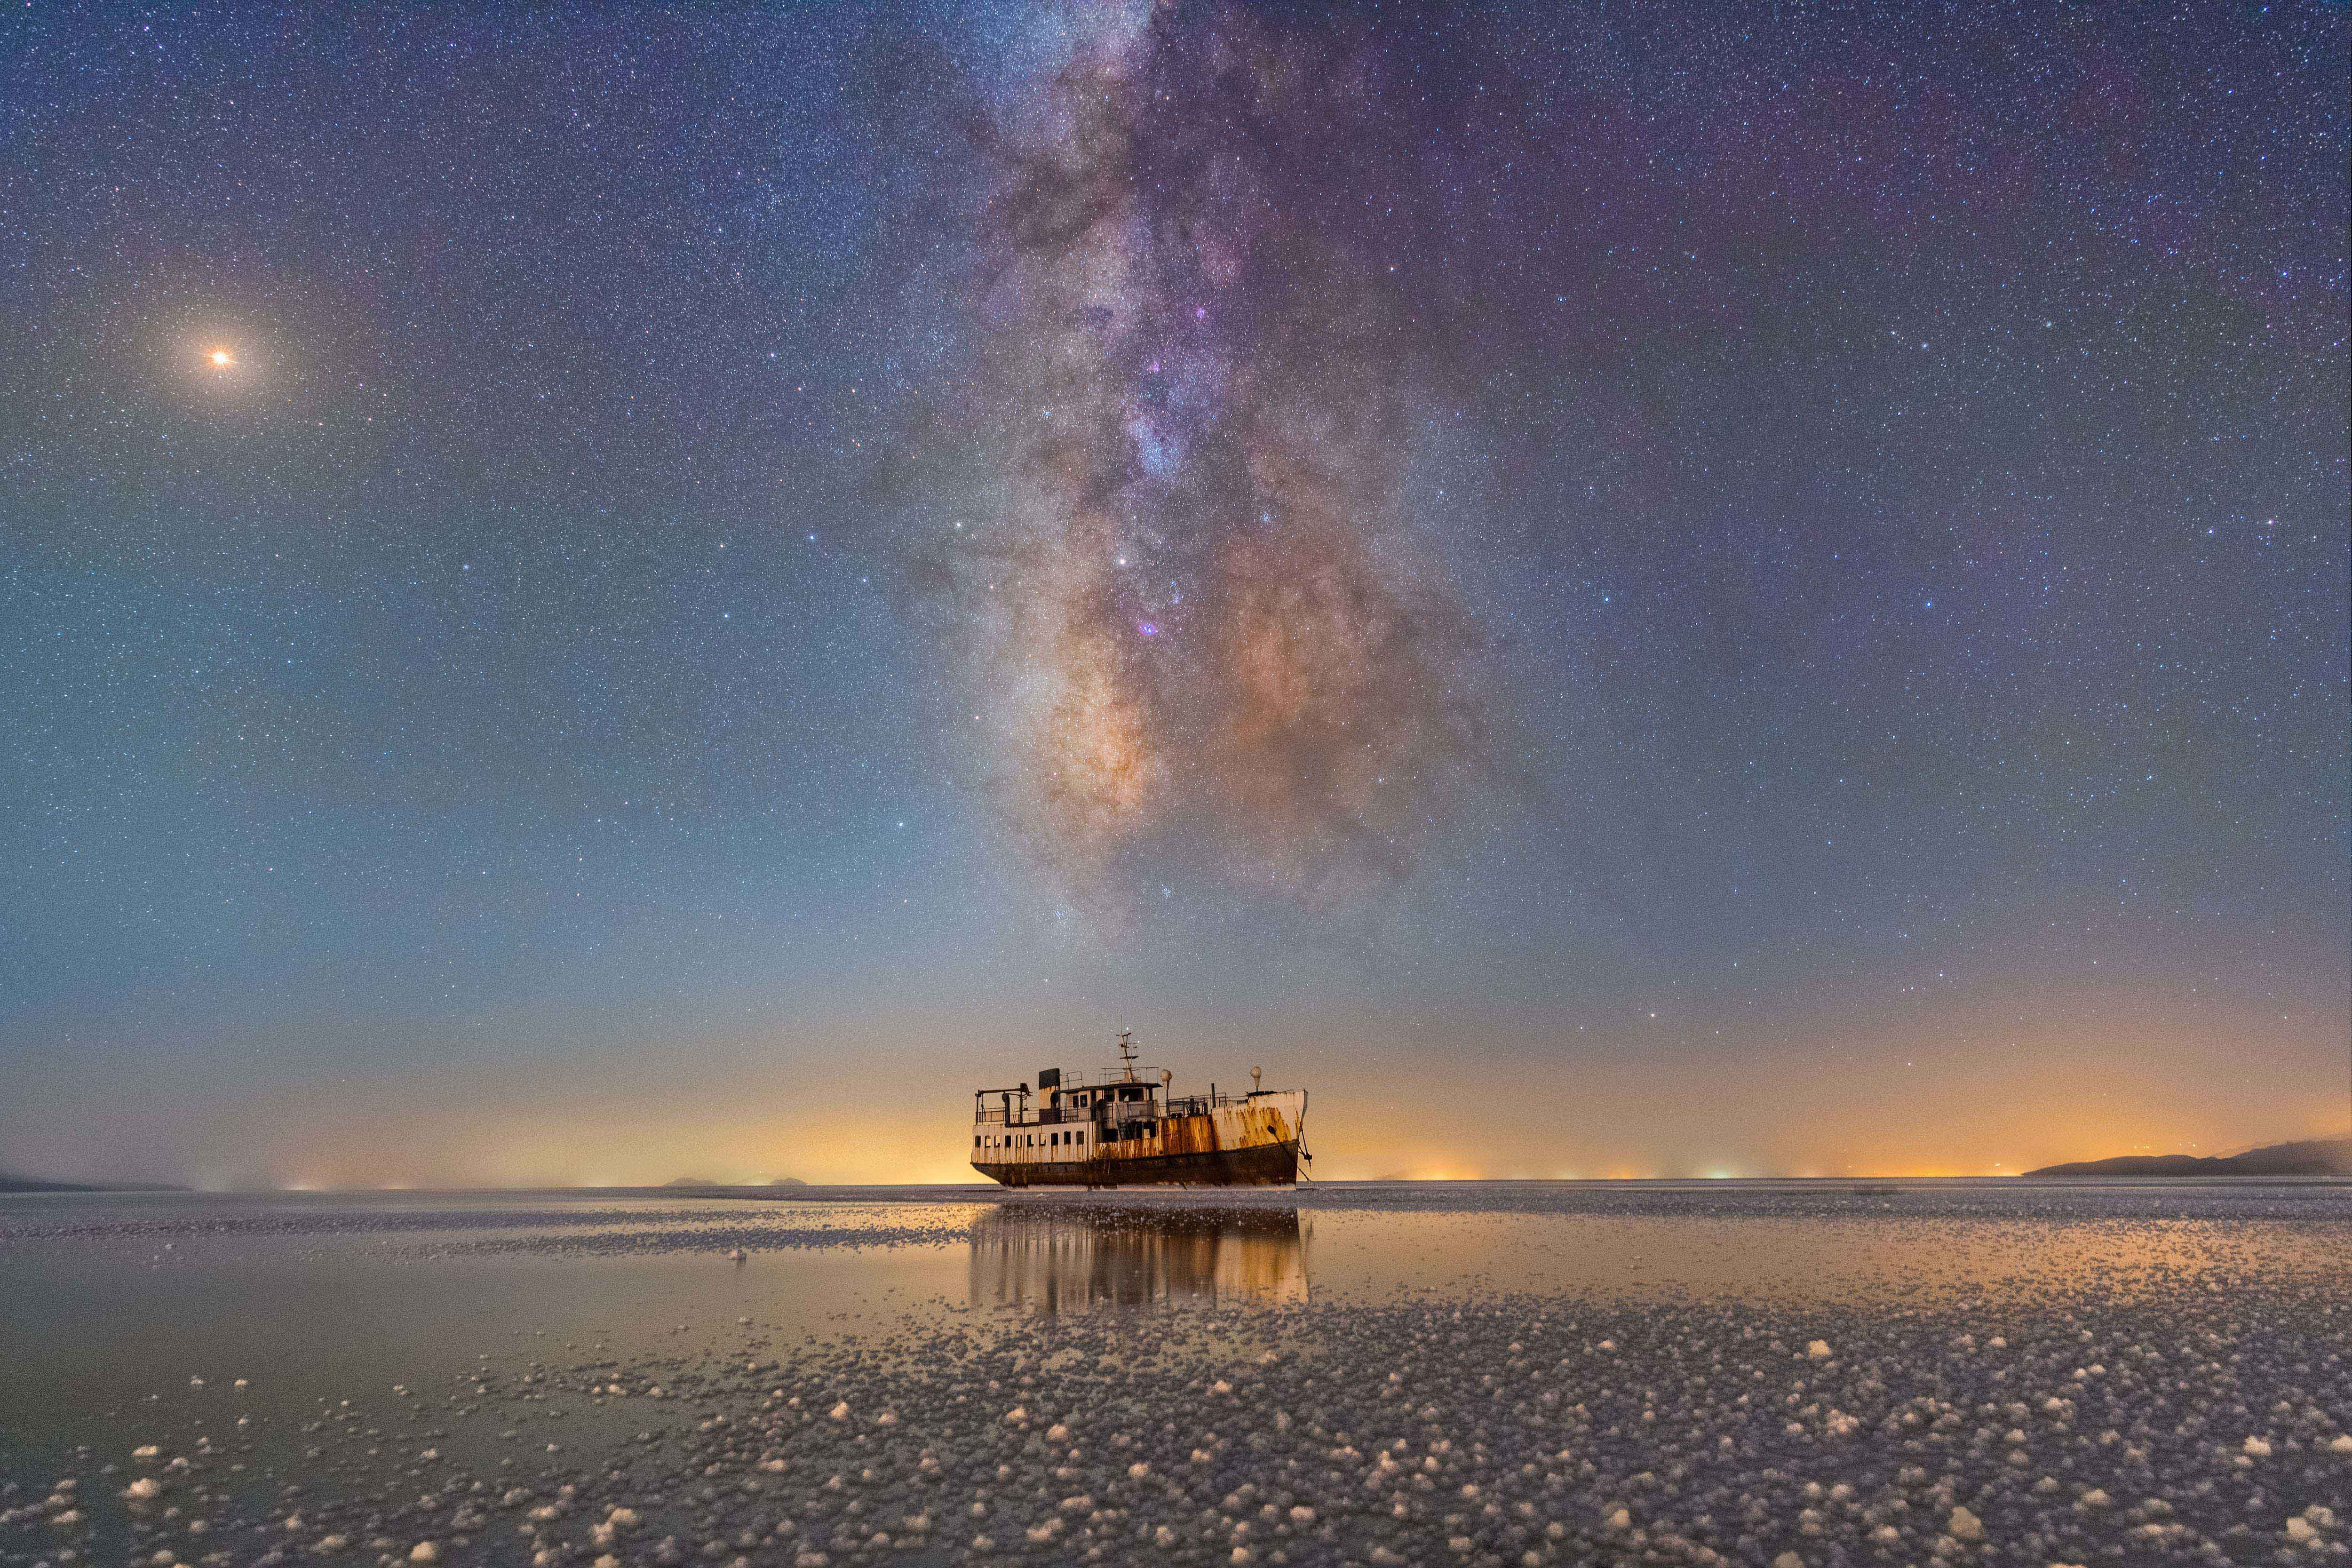 Sharafkhaneh Port and Lake Urmia